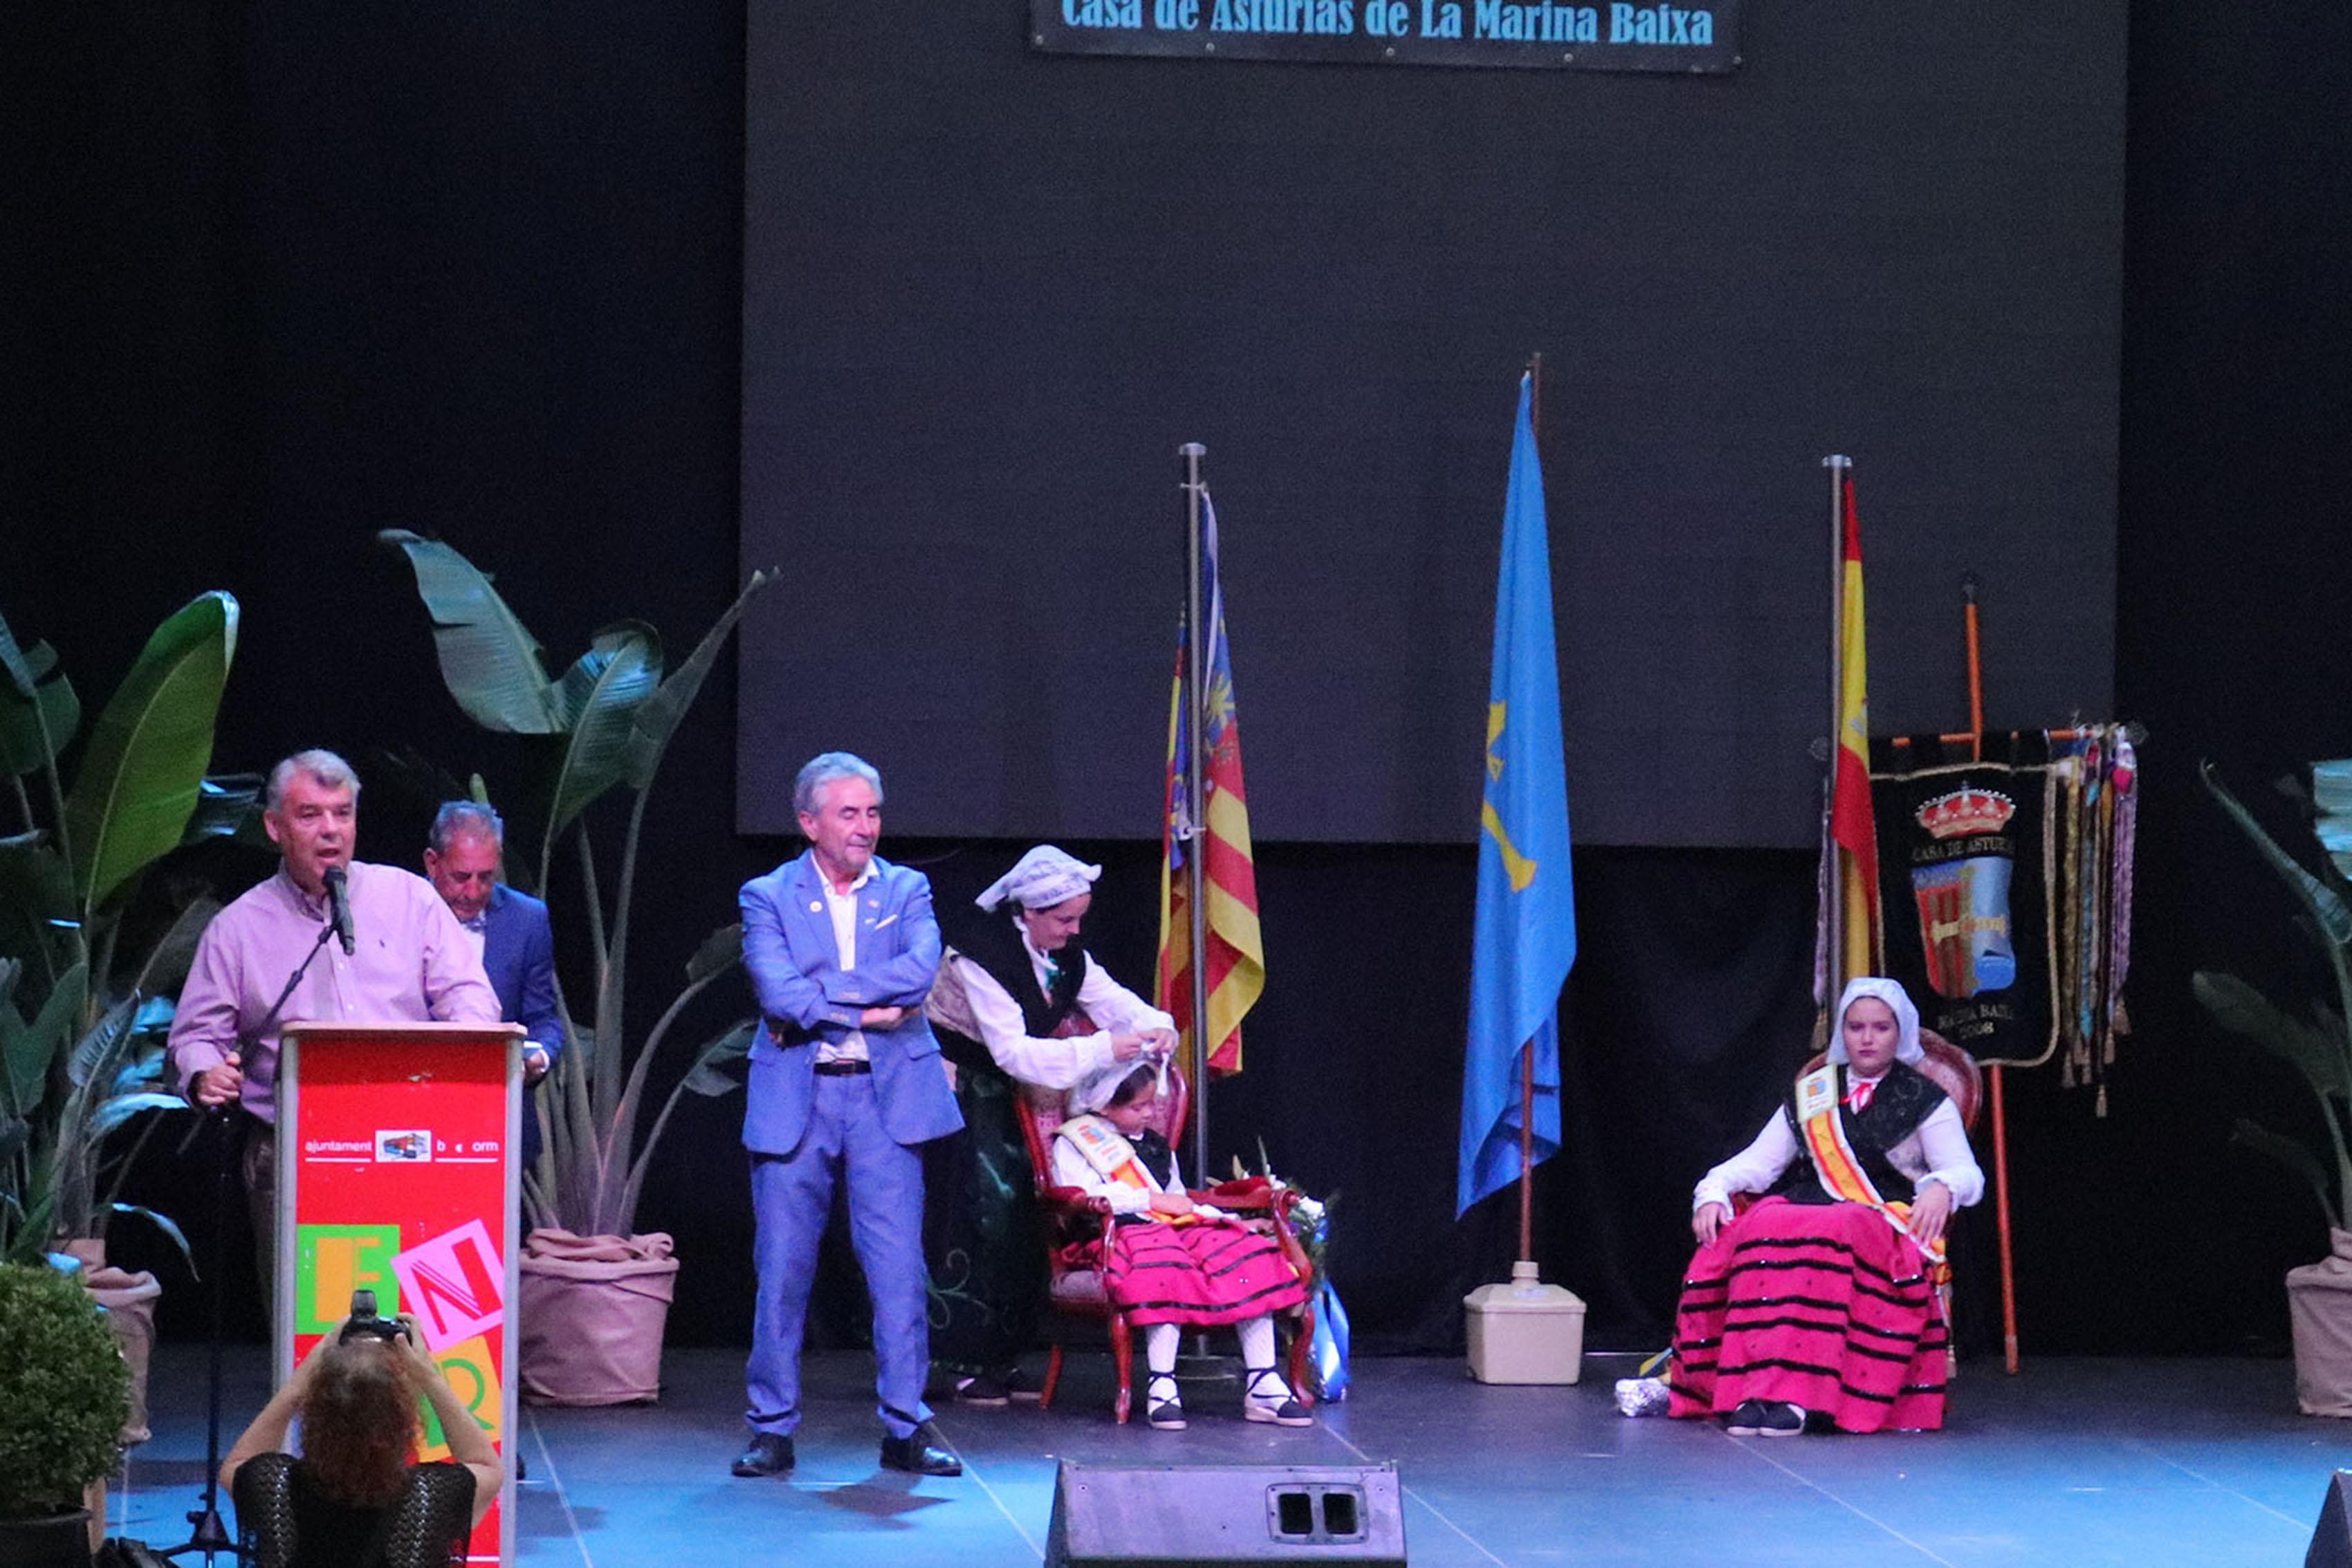 REGIONAL.- Una jornada de 'ordayu' para celebrar el Día de Asturias en Benidorm